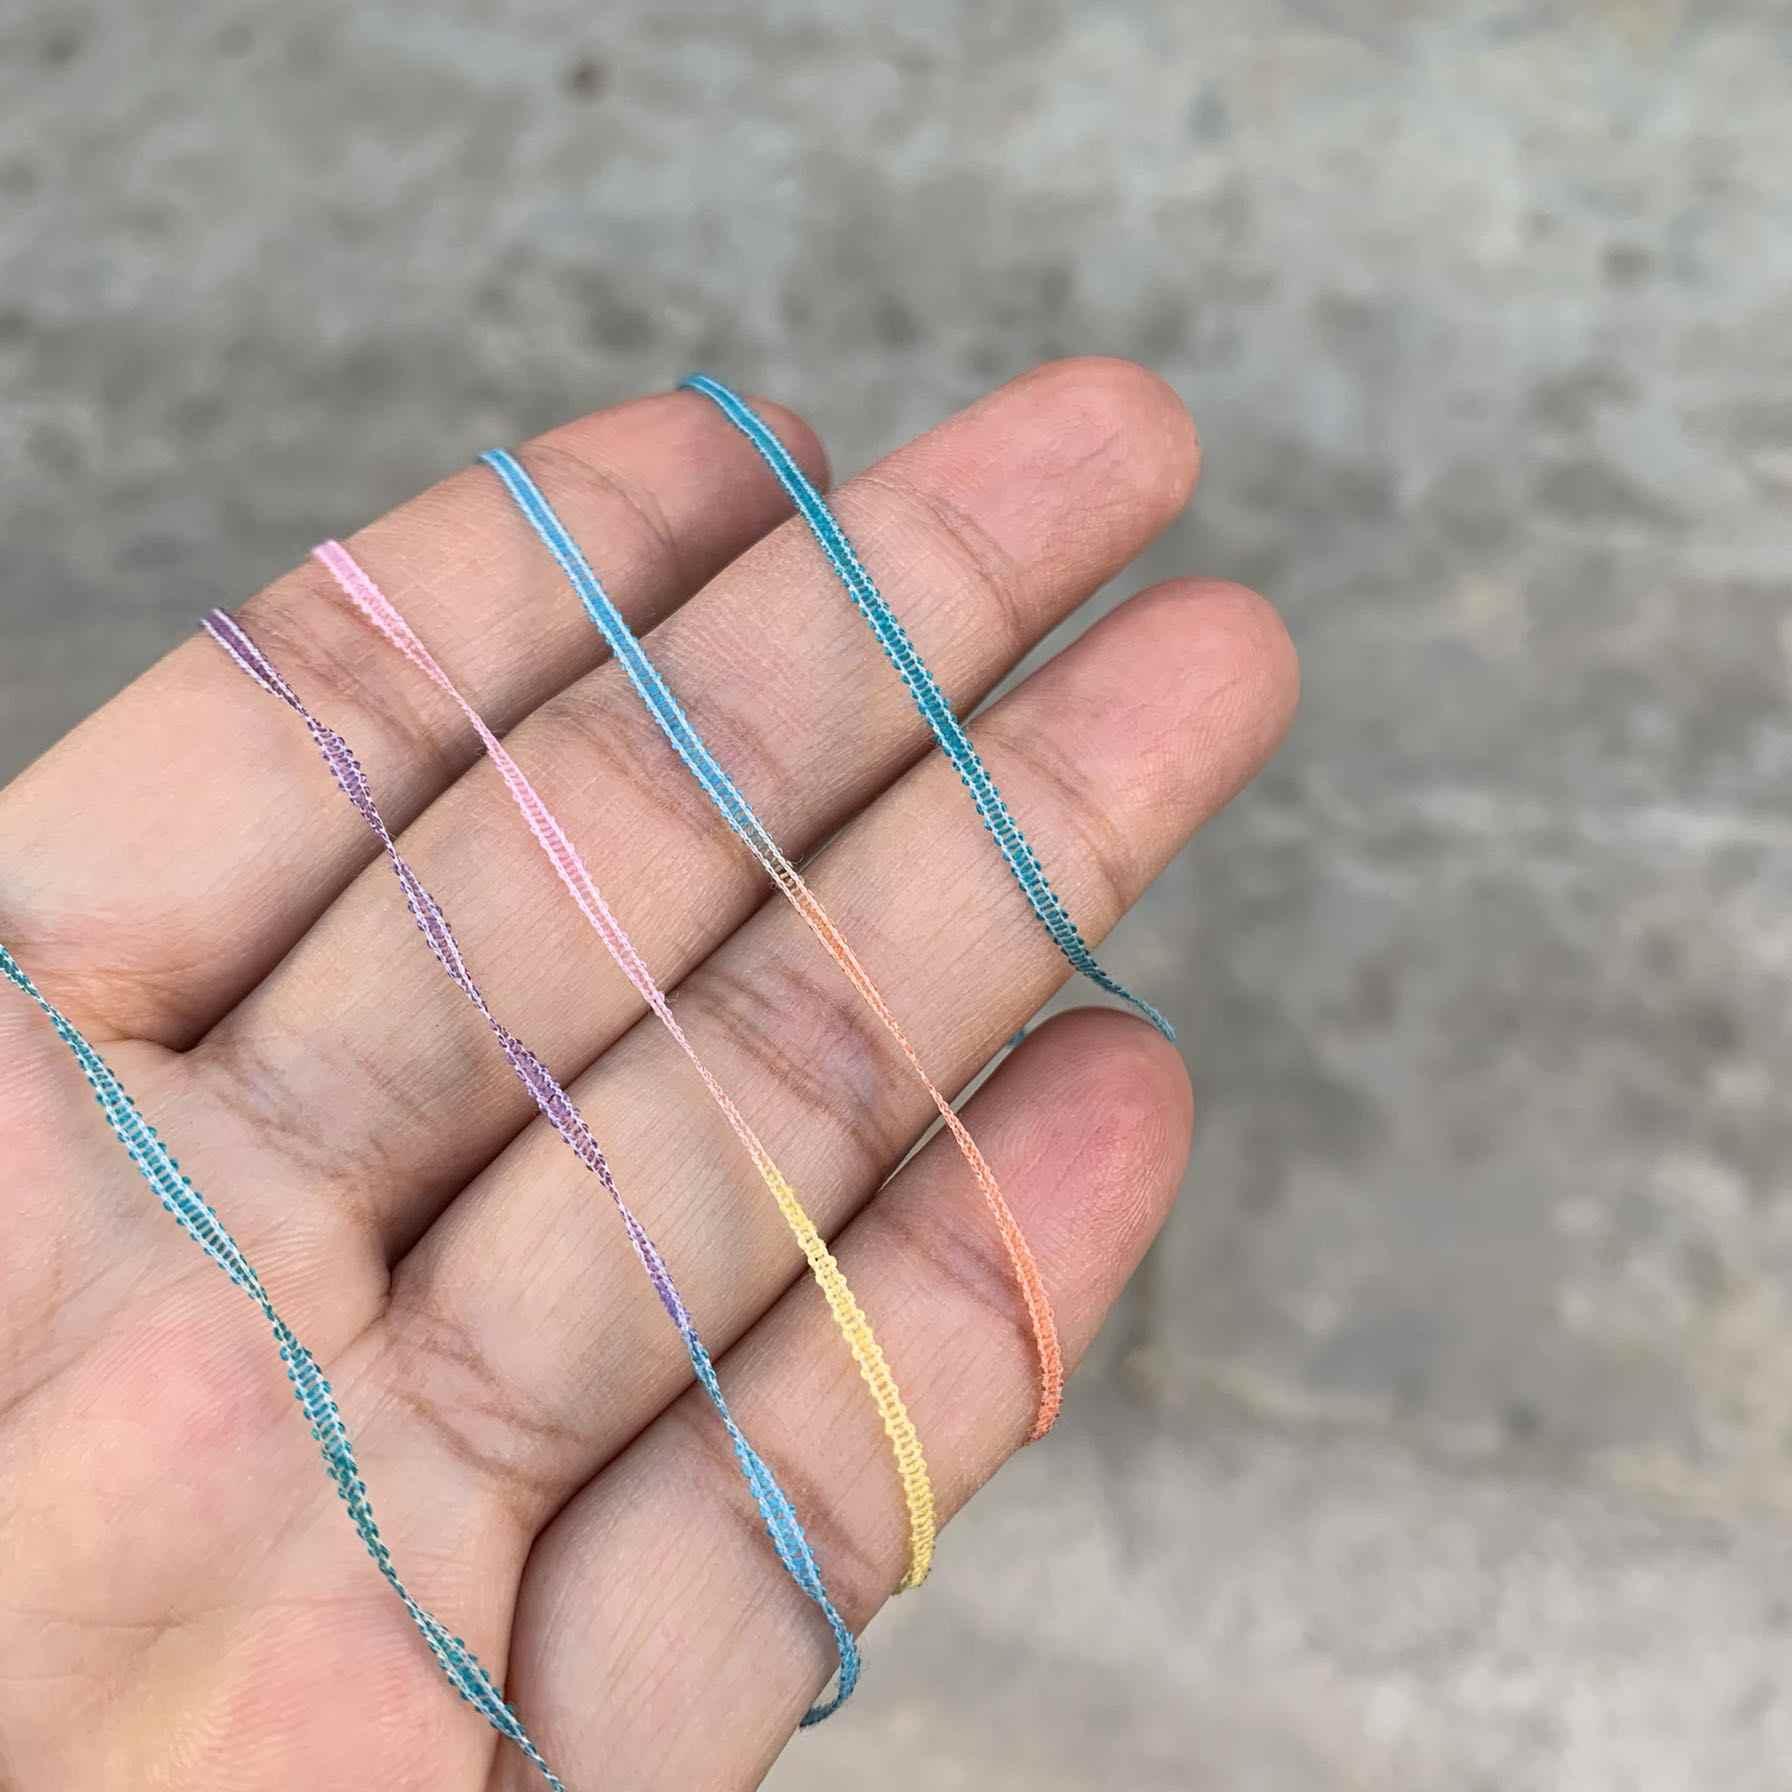 Mới Đẹp Độc Đáo 250G Màu Sắc Cầu Vồng Bandlet Sợi Cho Đan Tua Rua Móc Sợi Handwork Hàng Thủ Công Tự Làm Dệt Sợi Chỉ Z4852